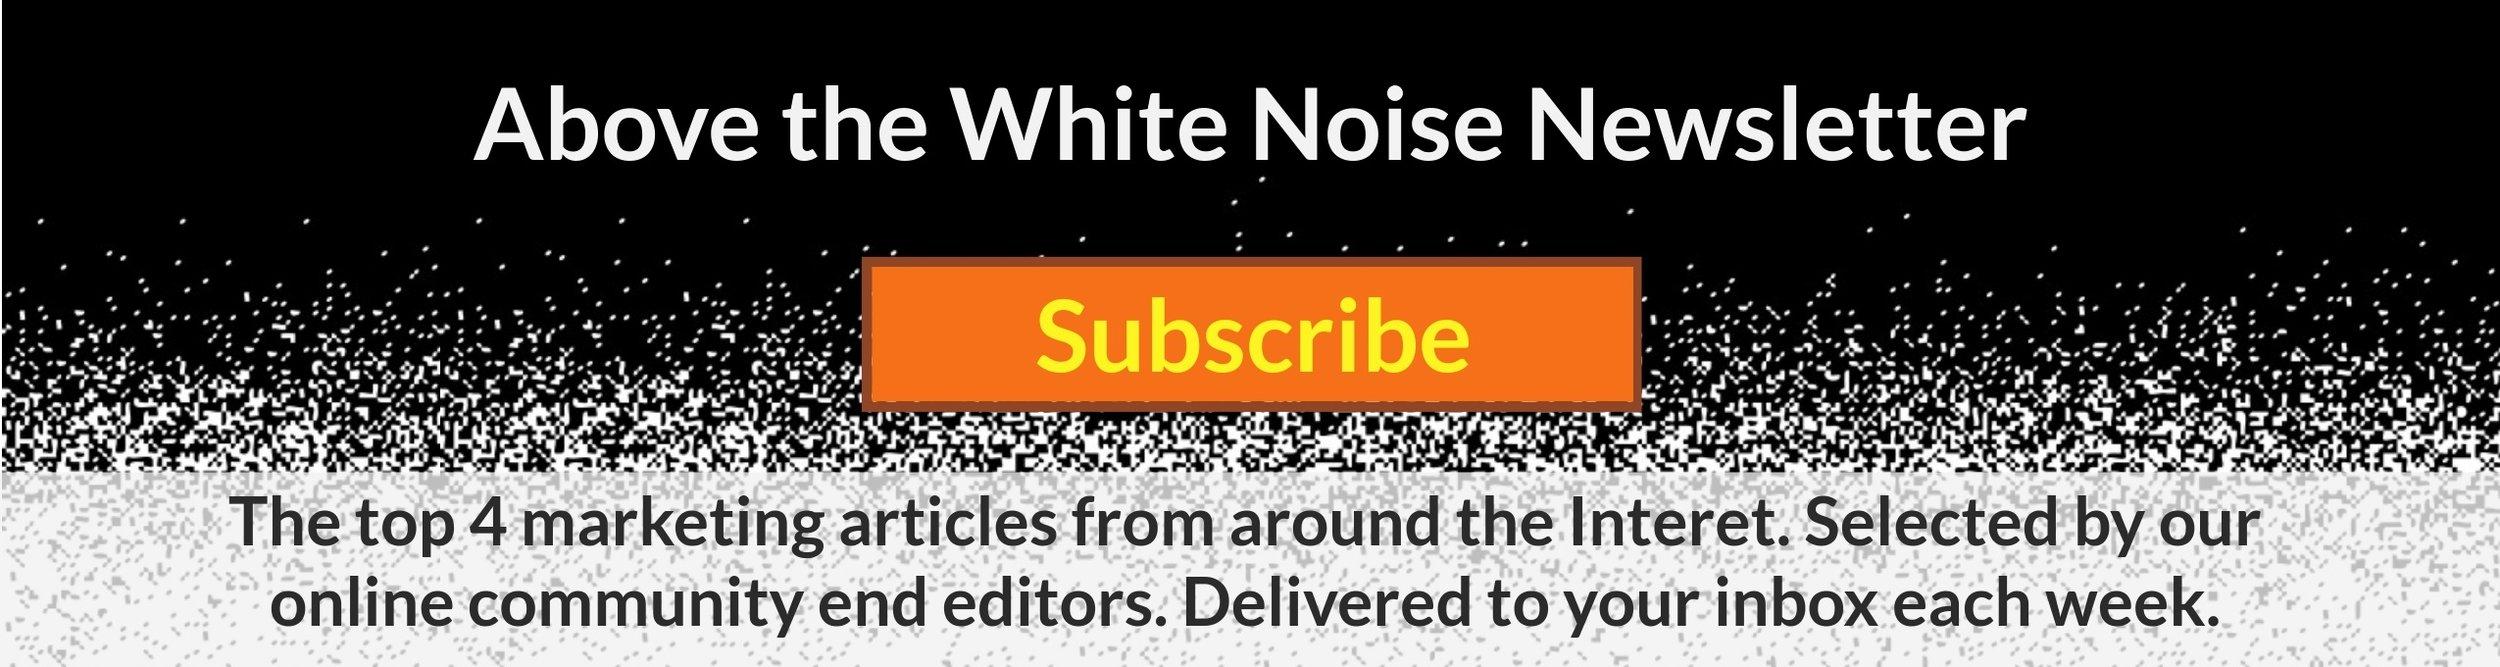 Above-the-White-Noise-Banner (1).jpg